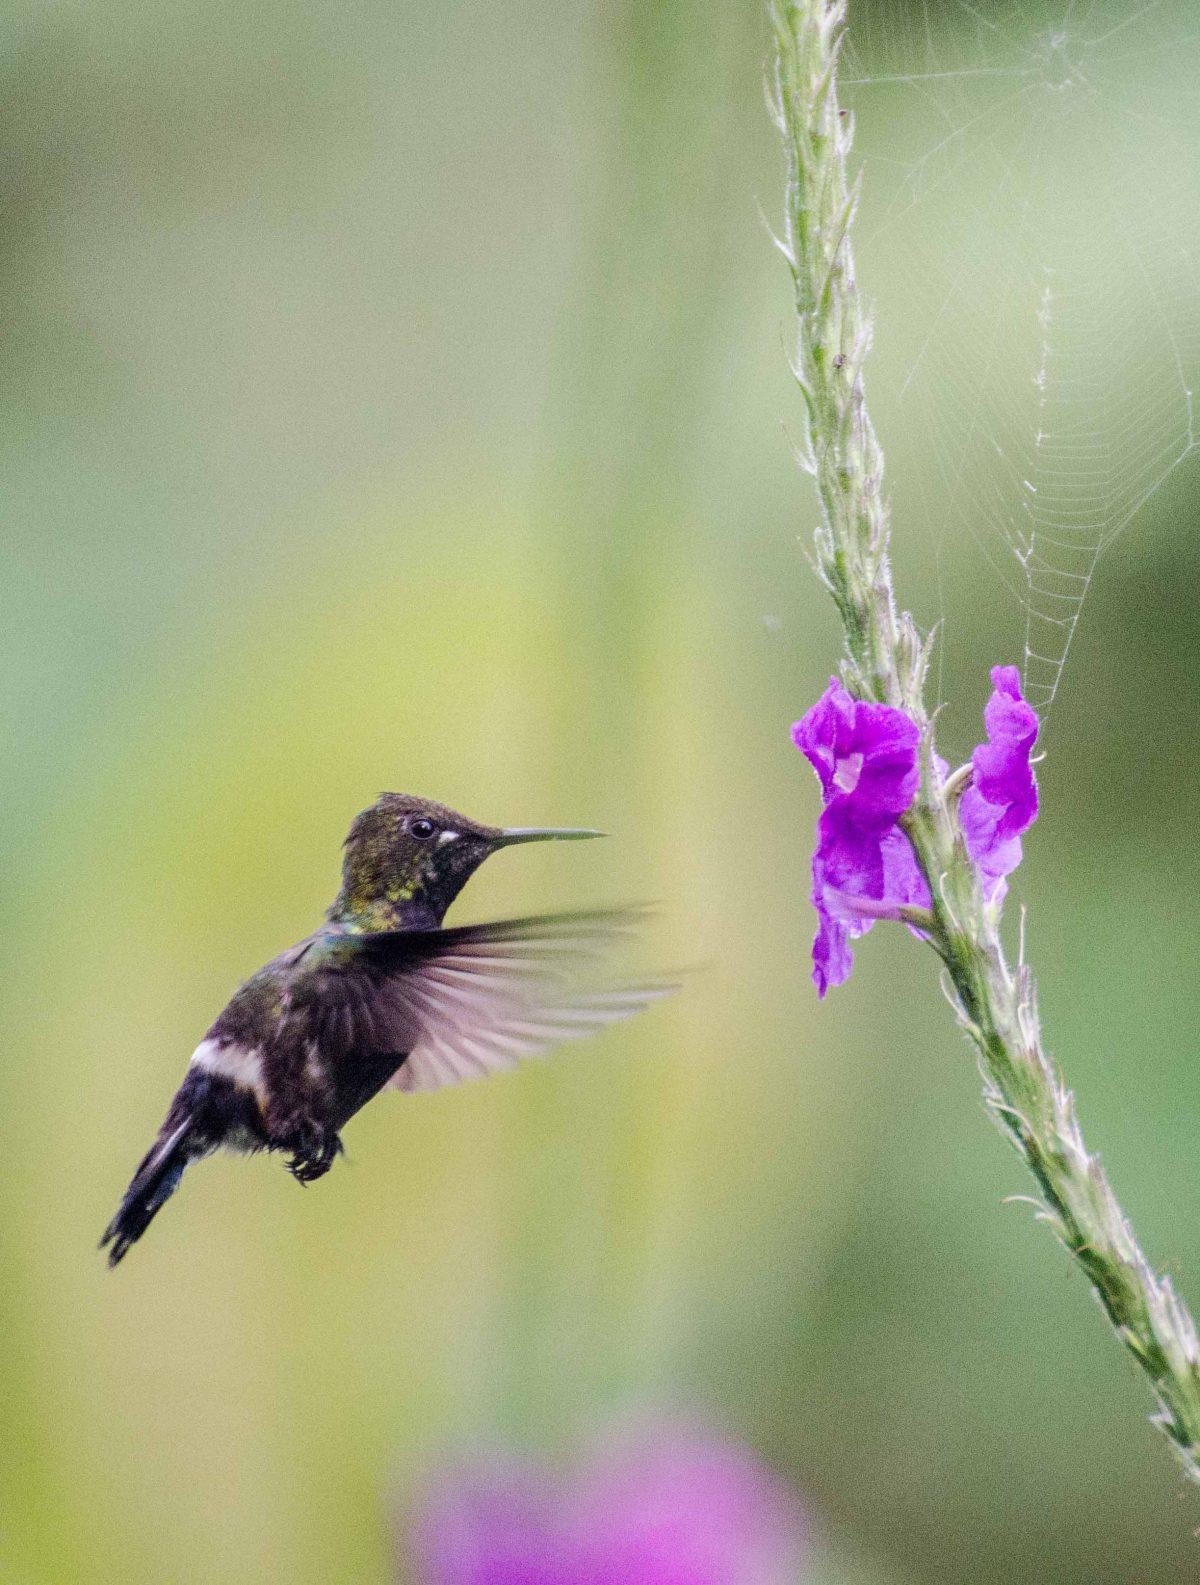 Female Wire-crested Thorntail Hummingbird, Napo Province, Ecuador | ©Angela Drake / Ecuador Por Mis Ojos